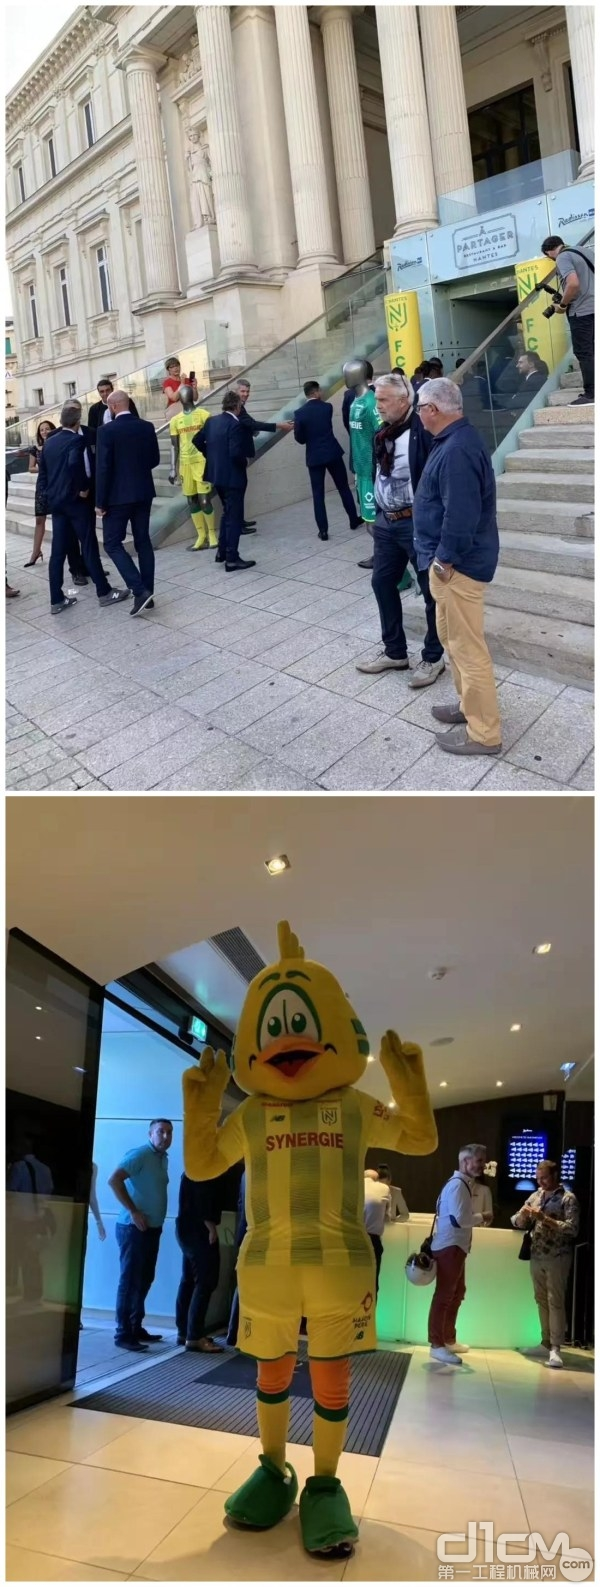 曼尼通集团官方赞助的南特俱乐部球迷见面活动